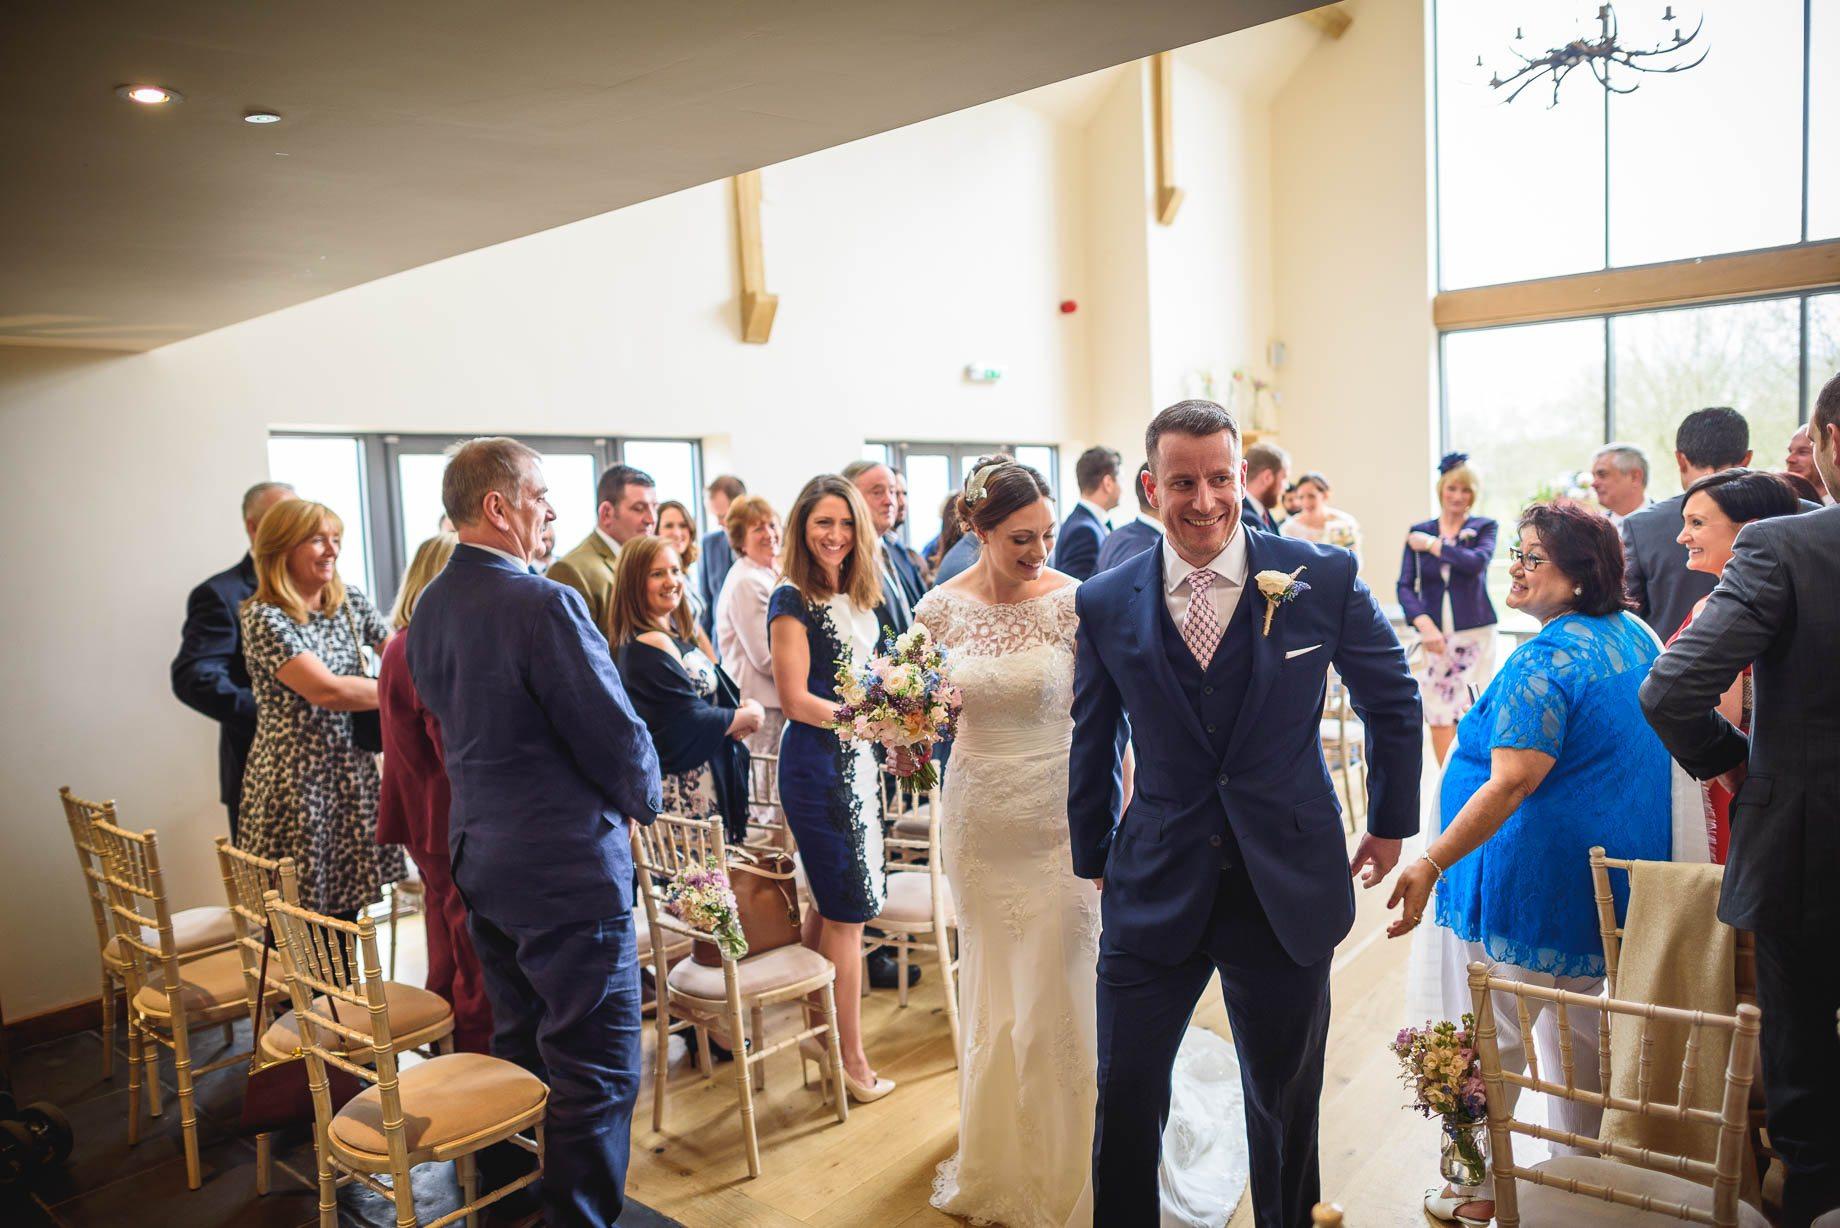 Millbridge Court Wedding Photography - Lisa and Daniel (65 of 173)